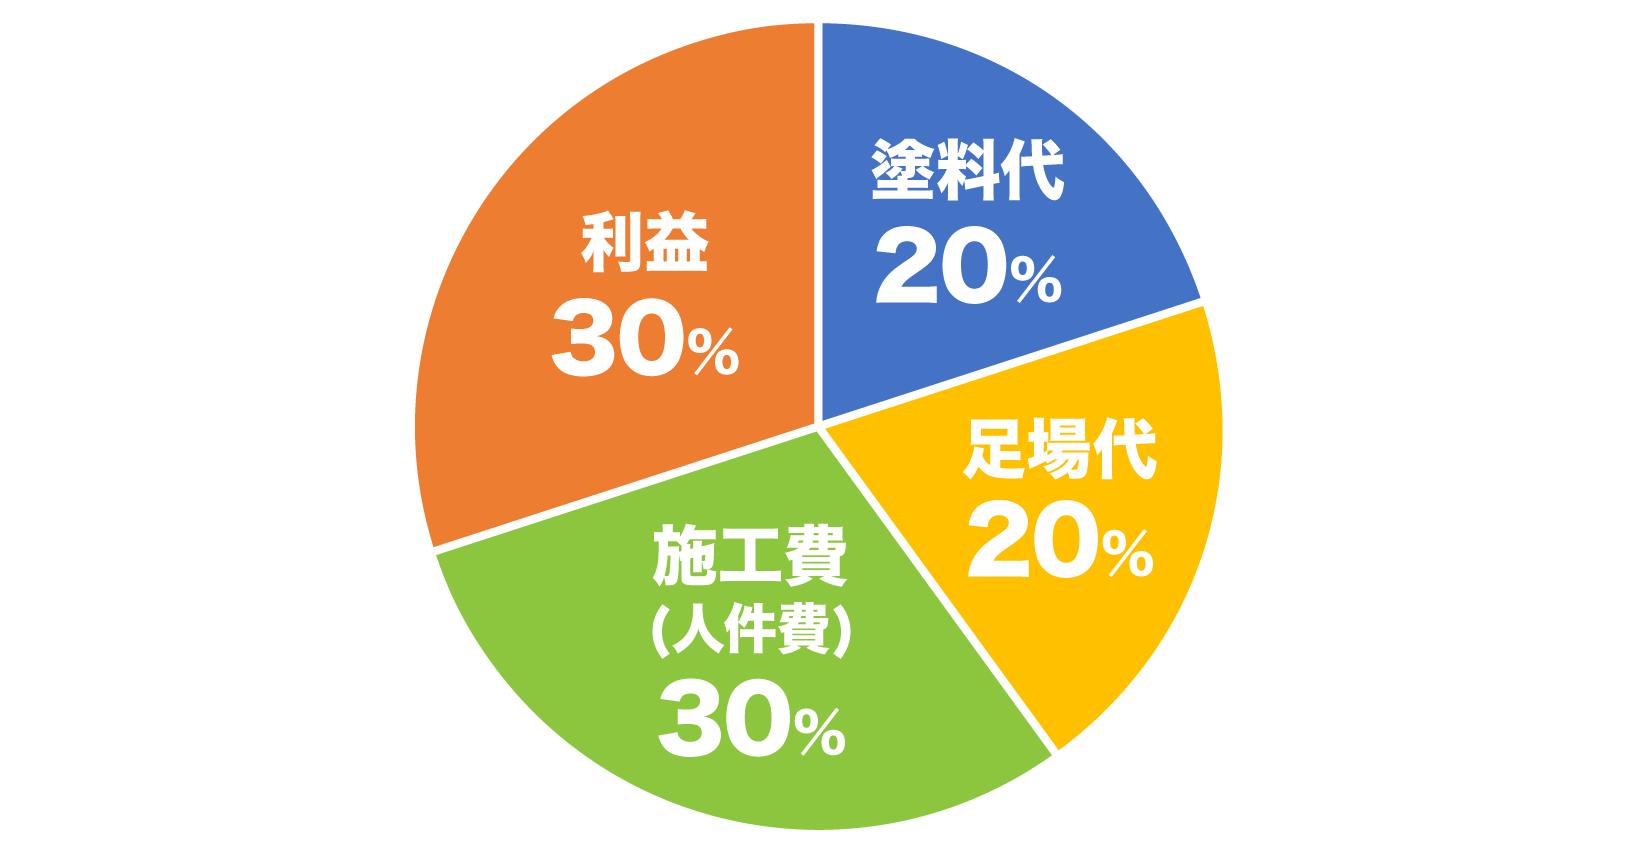 外壁塗装費用の内訳は、塗料代20%、足場代:20%、施工費(人件費):30%、利益:30%